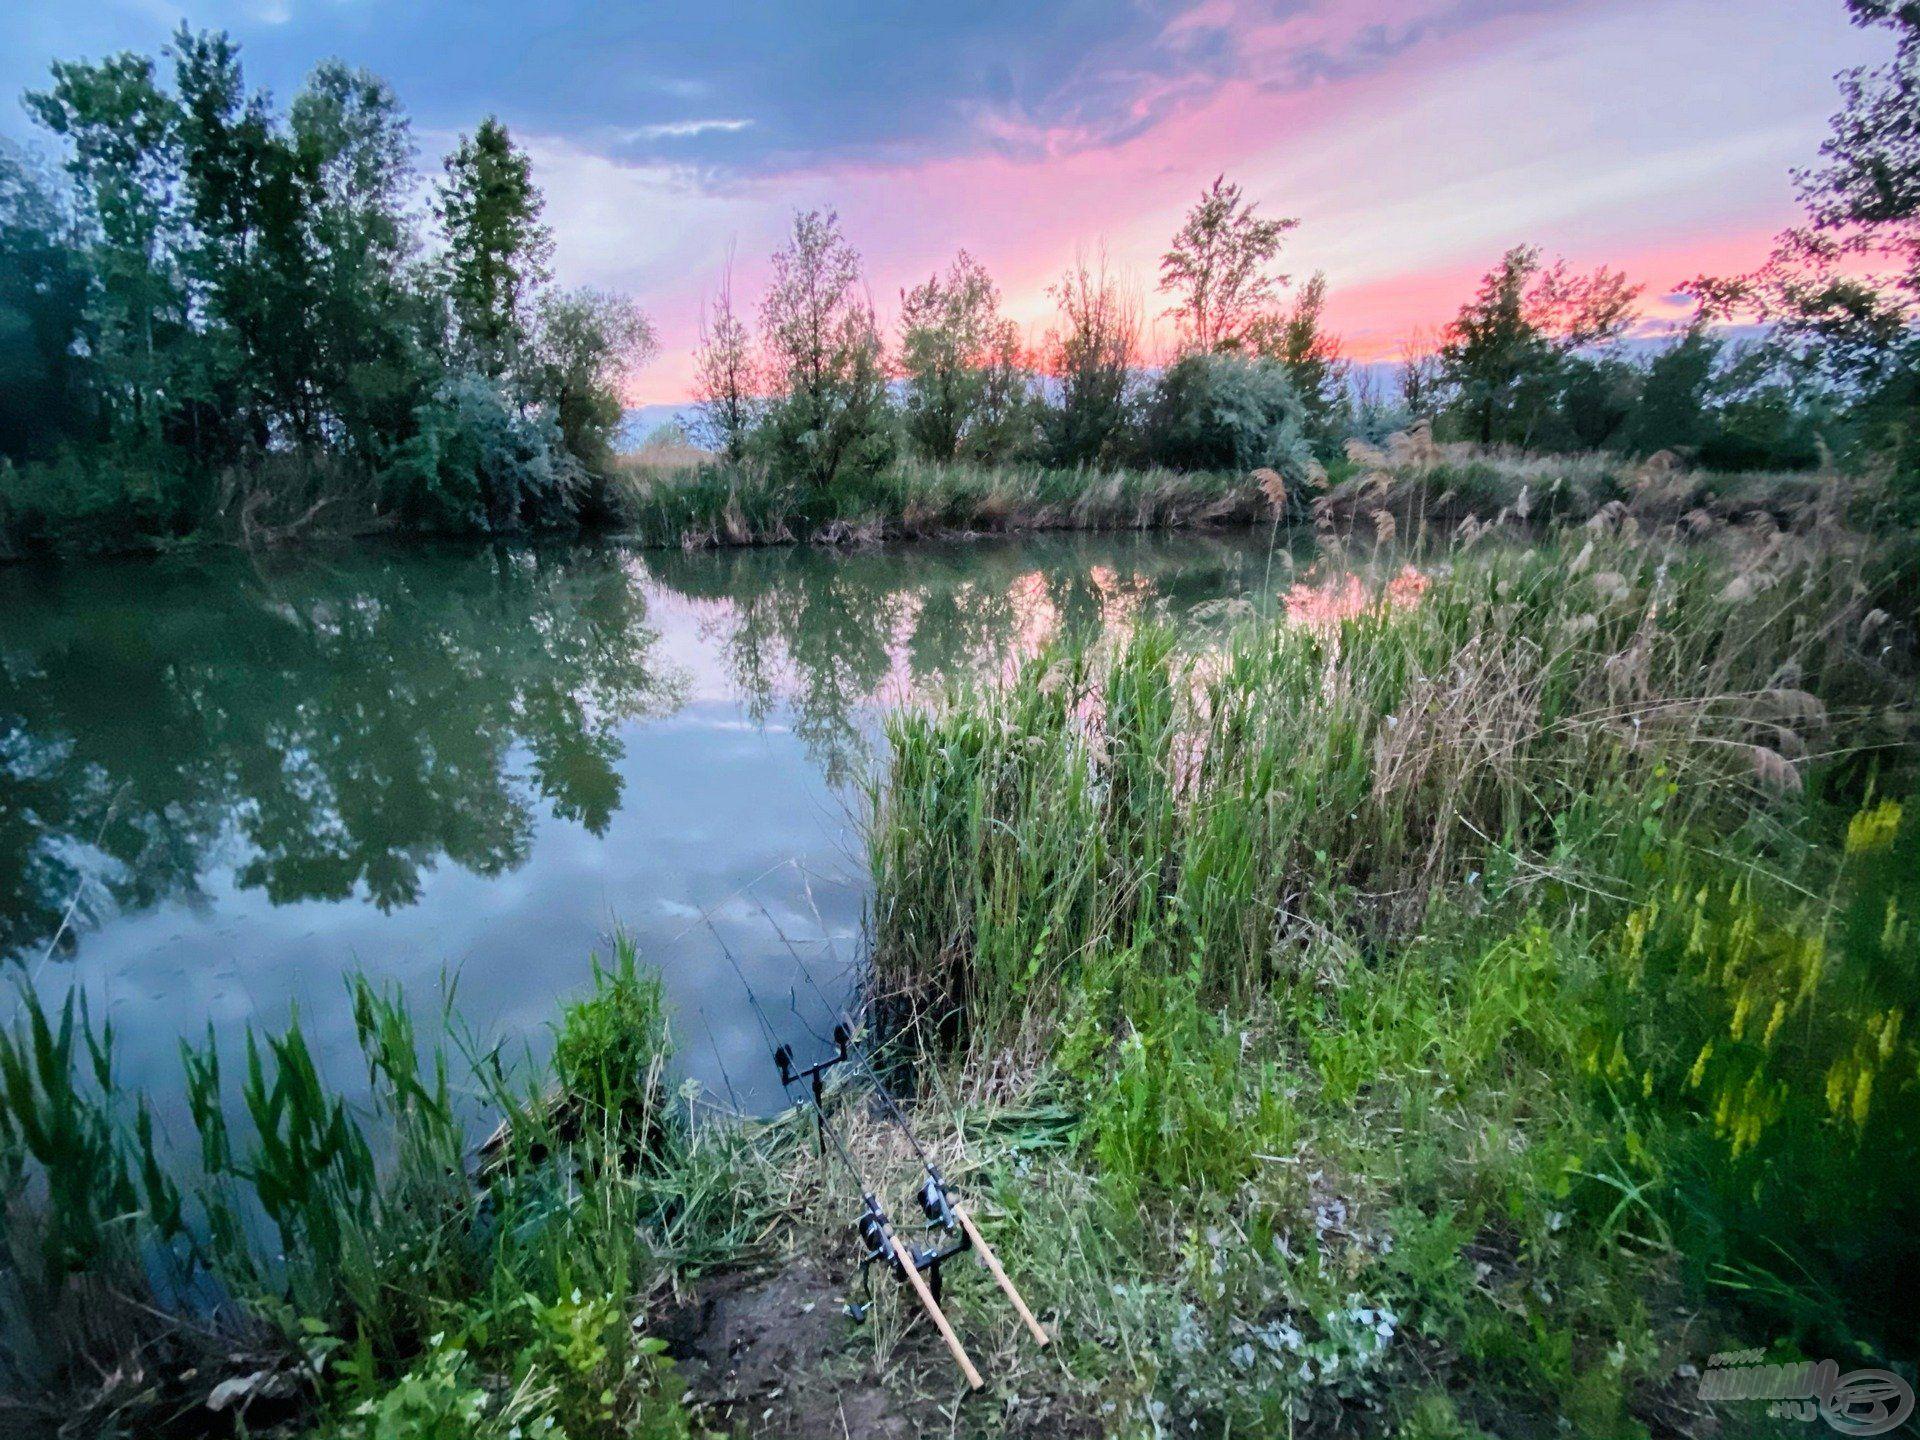 A csatornák a legnehezebb vizek közt vannak, innen fogni egy szép halat bizony nem kis kihívás…